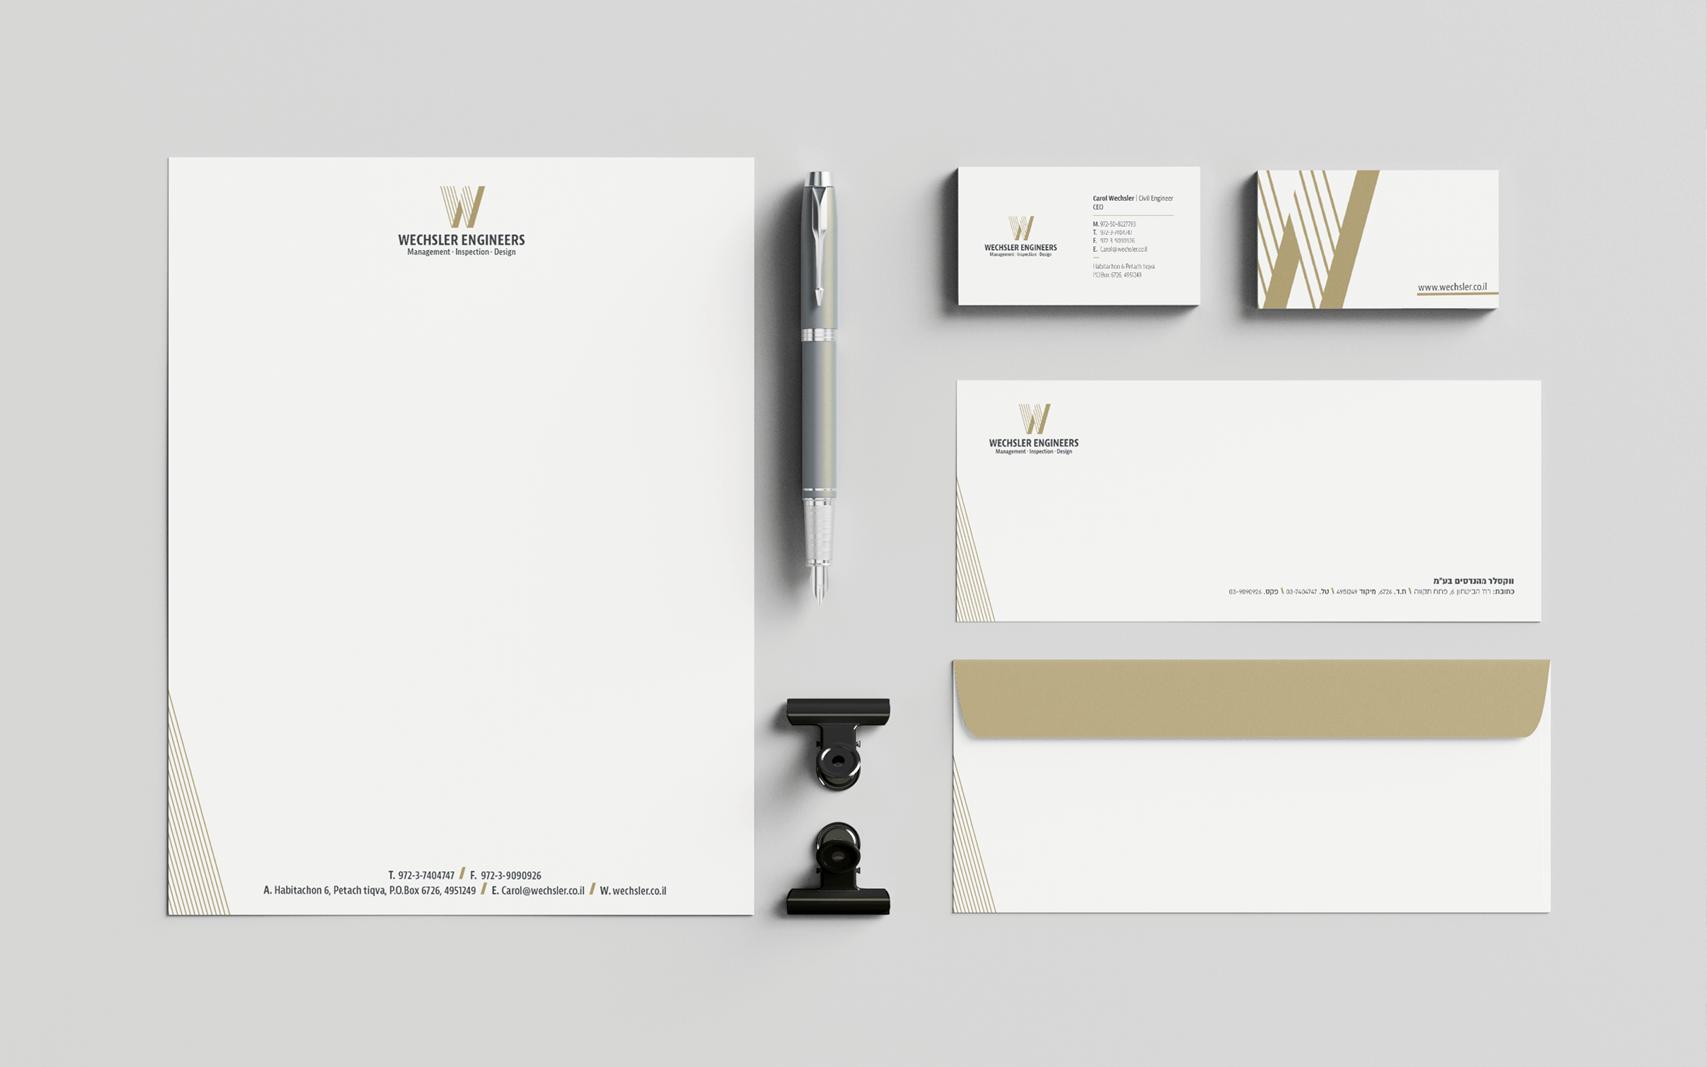 קרול וקסלר - עיצוב ניירת משרדית